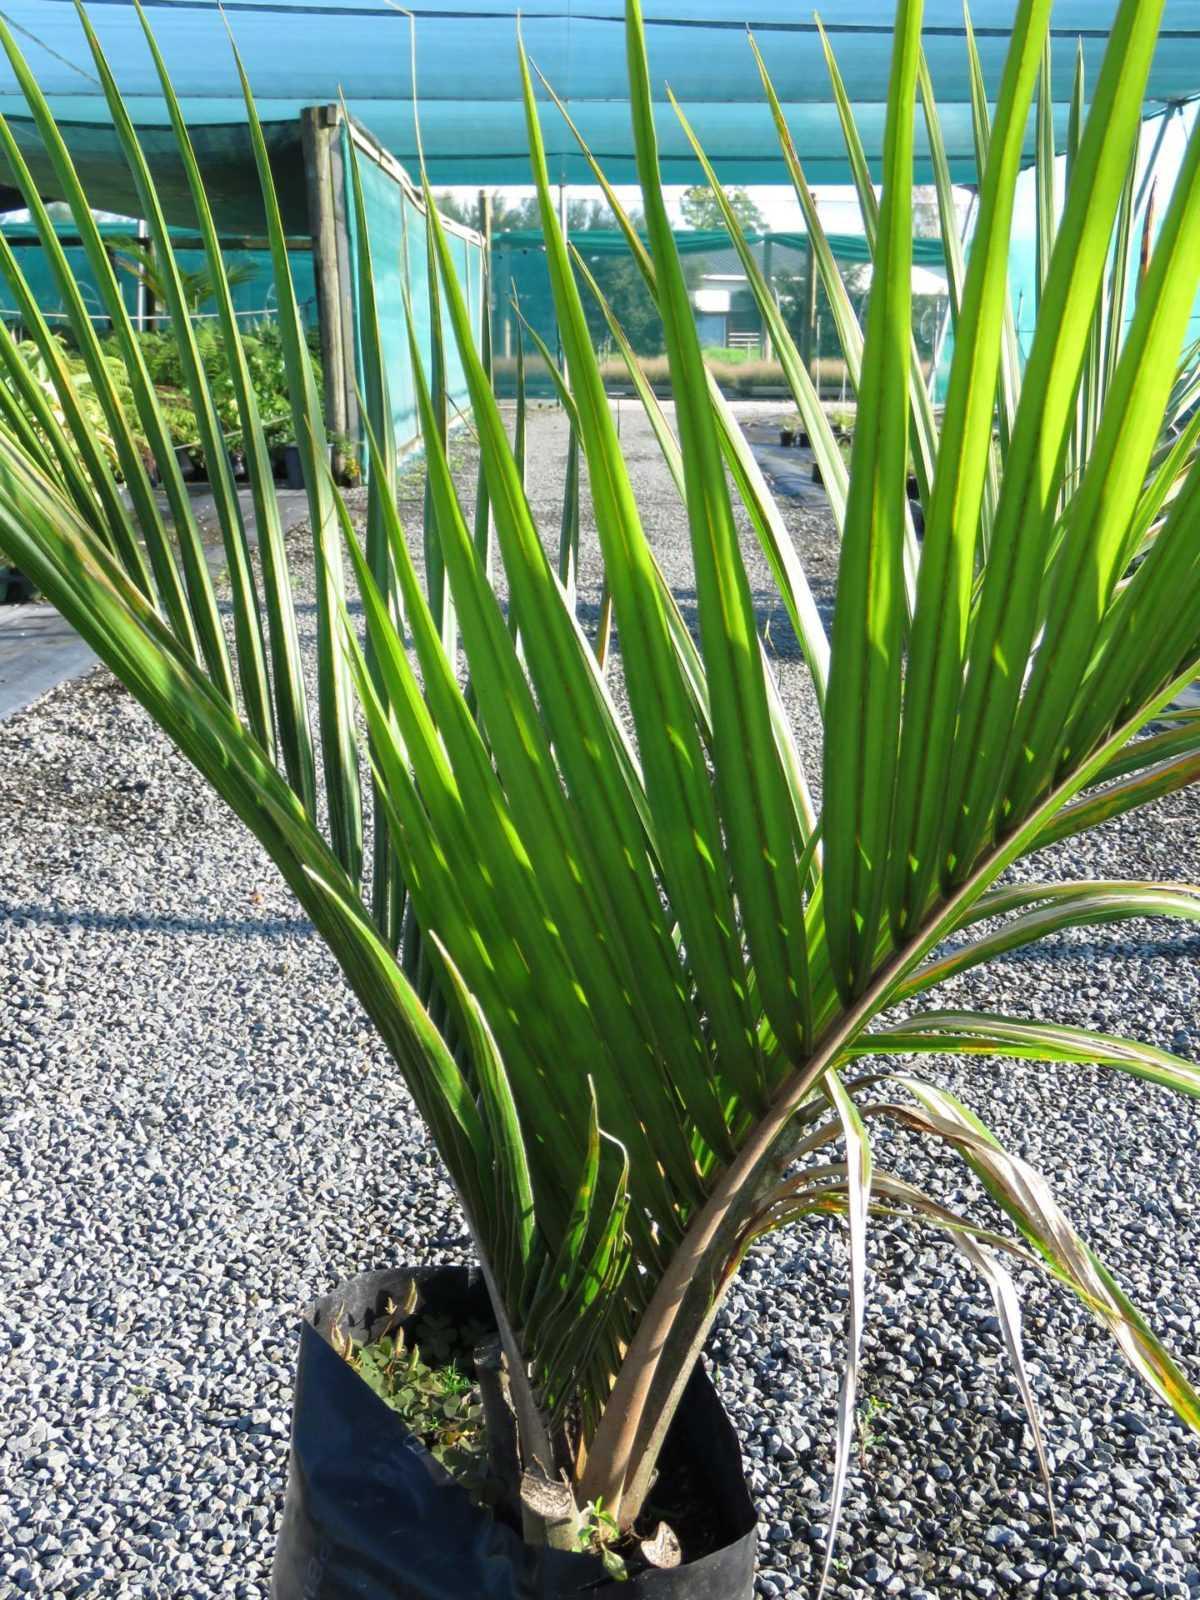 komnatnaya-palma-foto-video-vidy-palm-nazvanie-i-opisanie-rasteniya-25